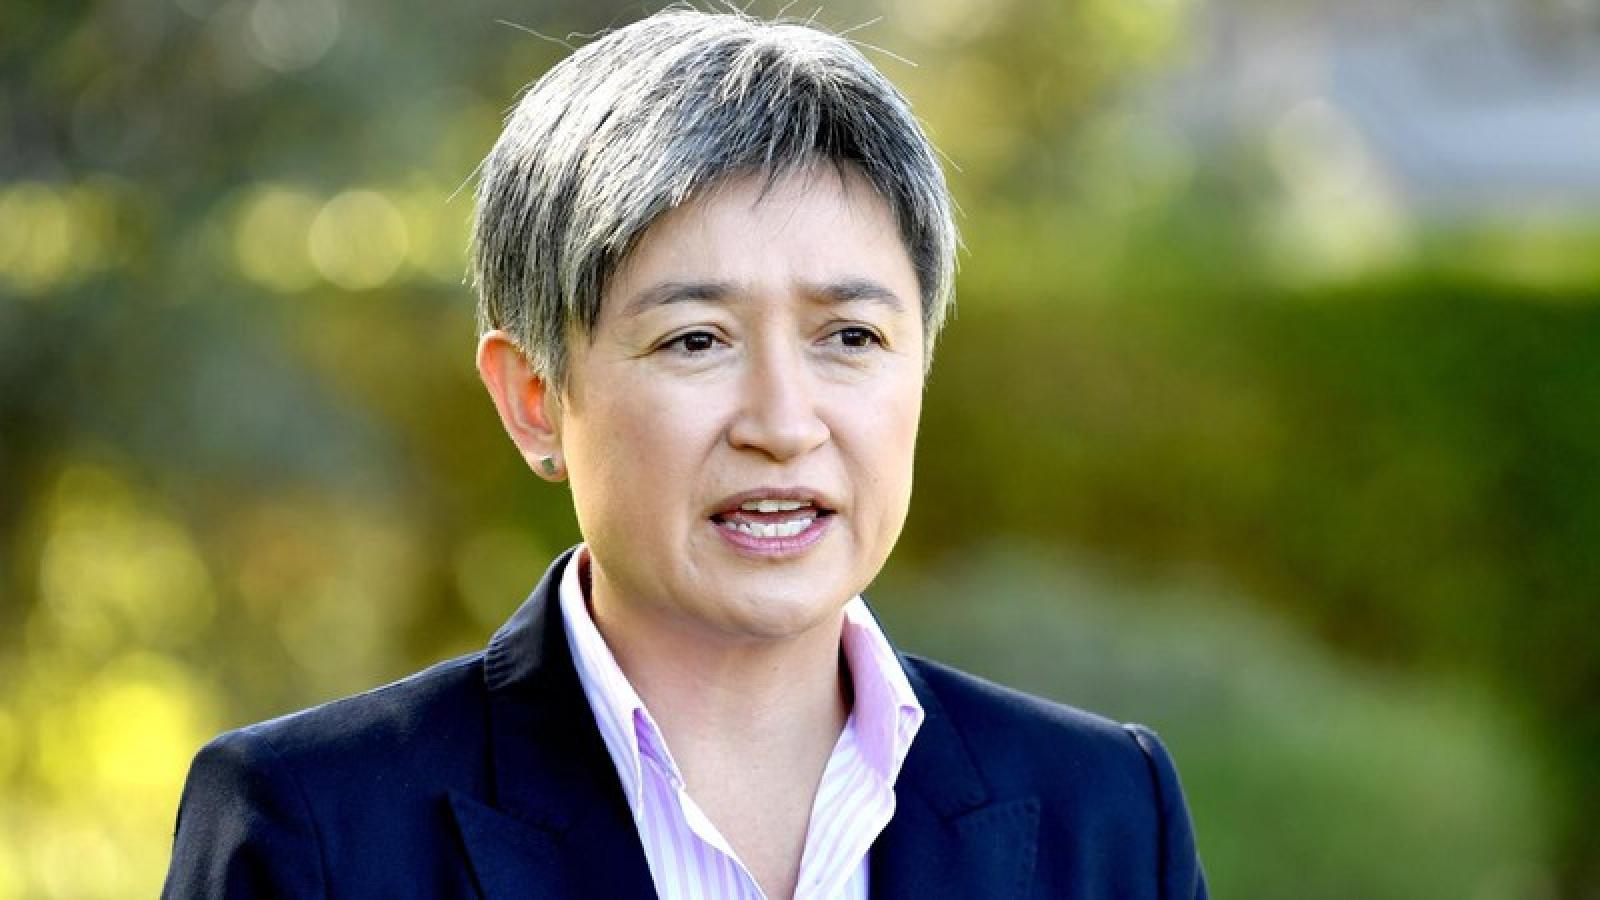 Ủng hộ điều tra nguồn gốc Covid-19, Australia và Trung Quốc leo thang căng thẳng